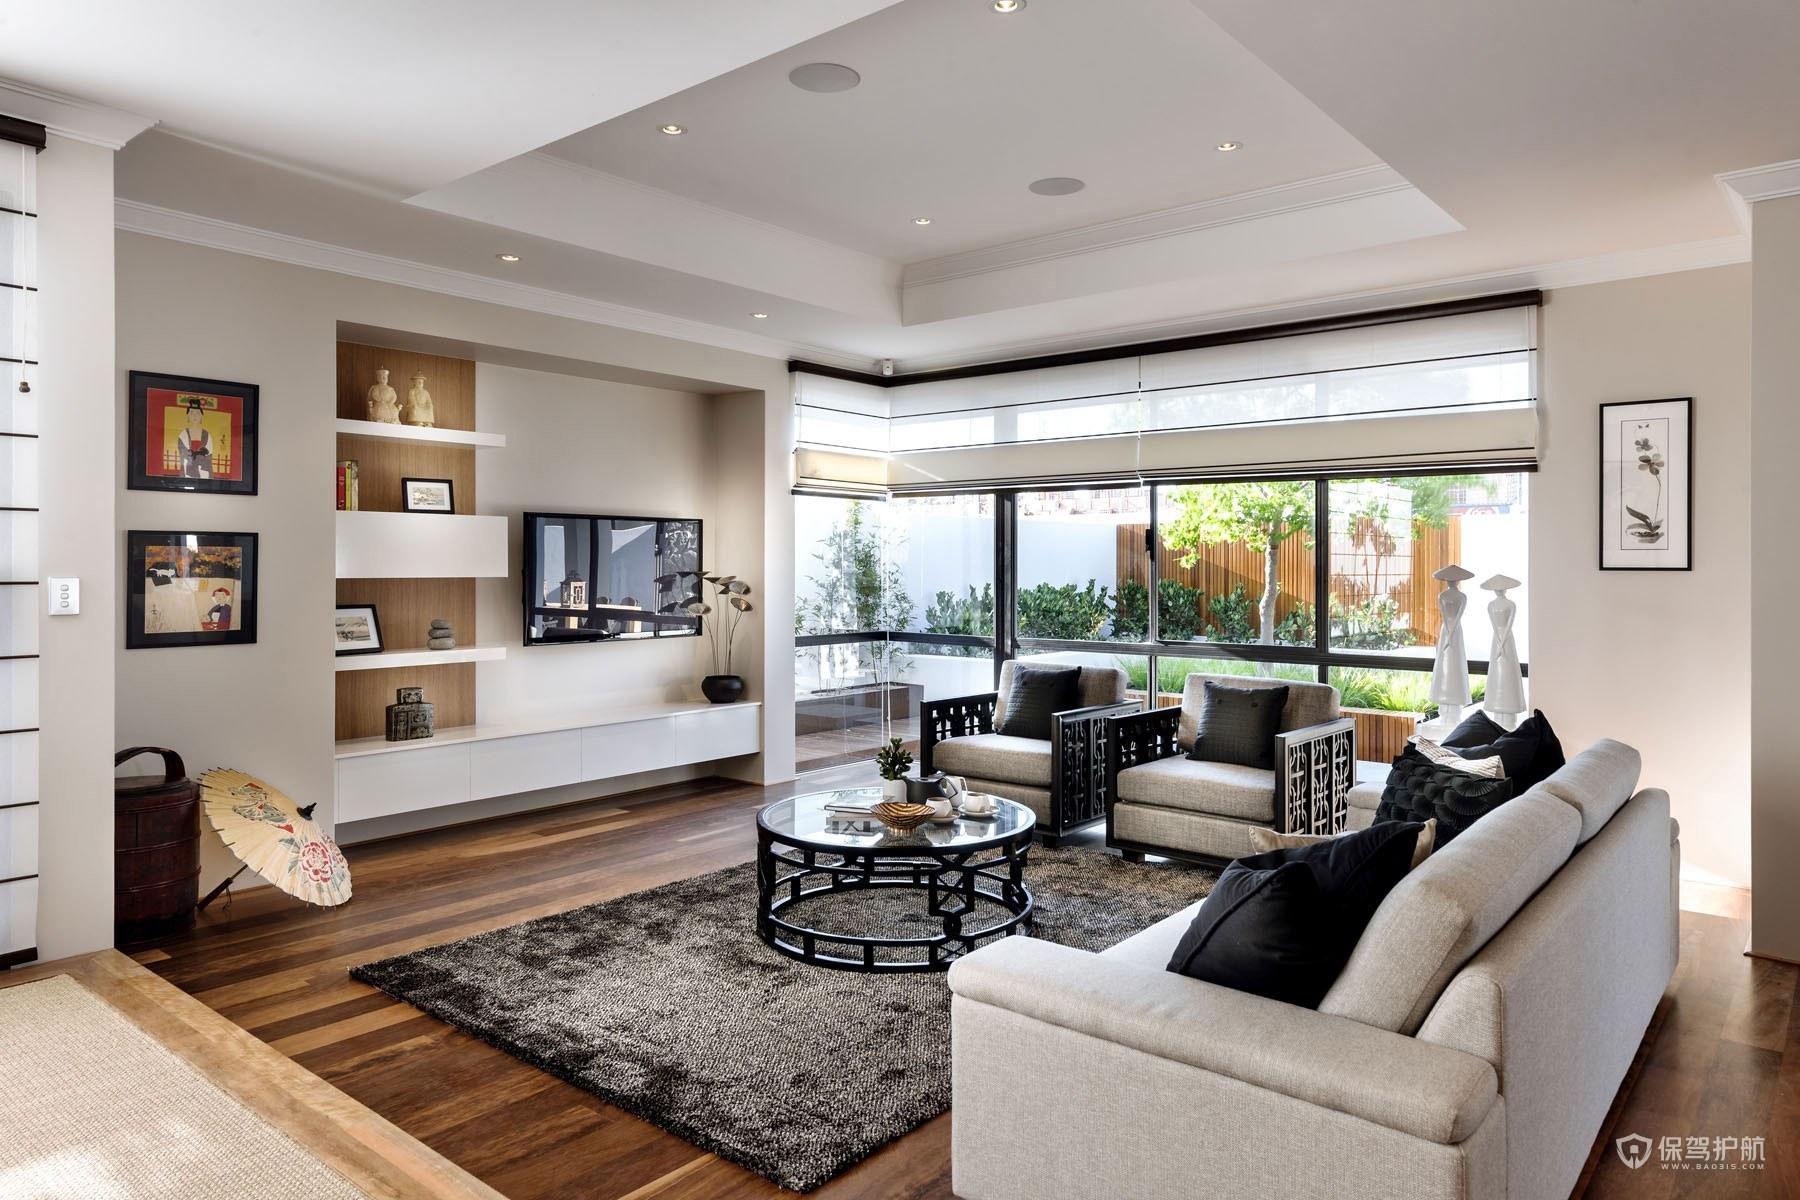 现代混搭中式别墅客厅装修效果图